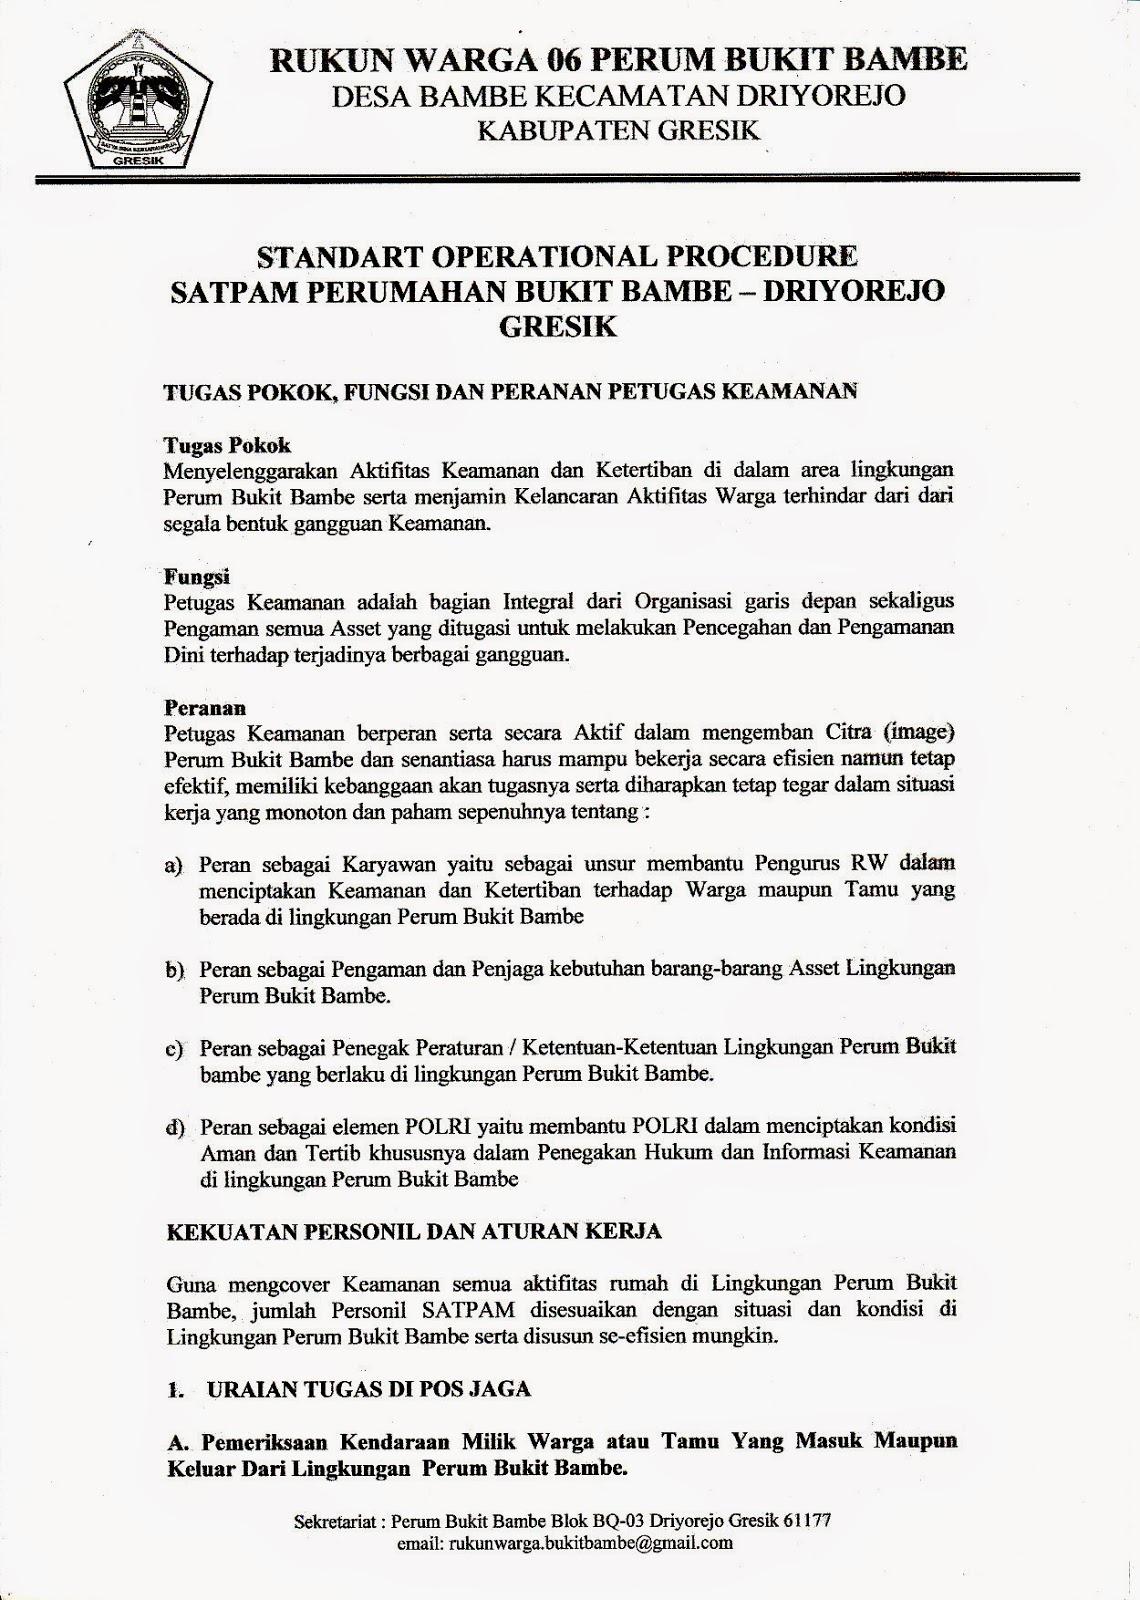 Rukun Warga 06 Perum Bukit Bambe Driyorejo Gresik Periode 2017 2020 Sop Satpam Perumahan Bukit Bambe